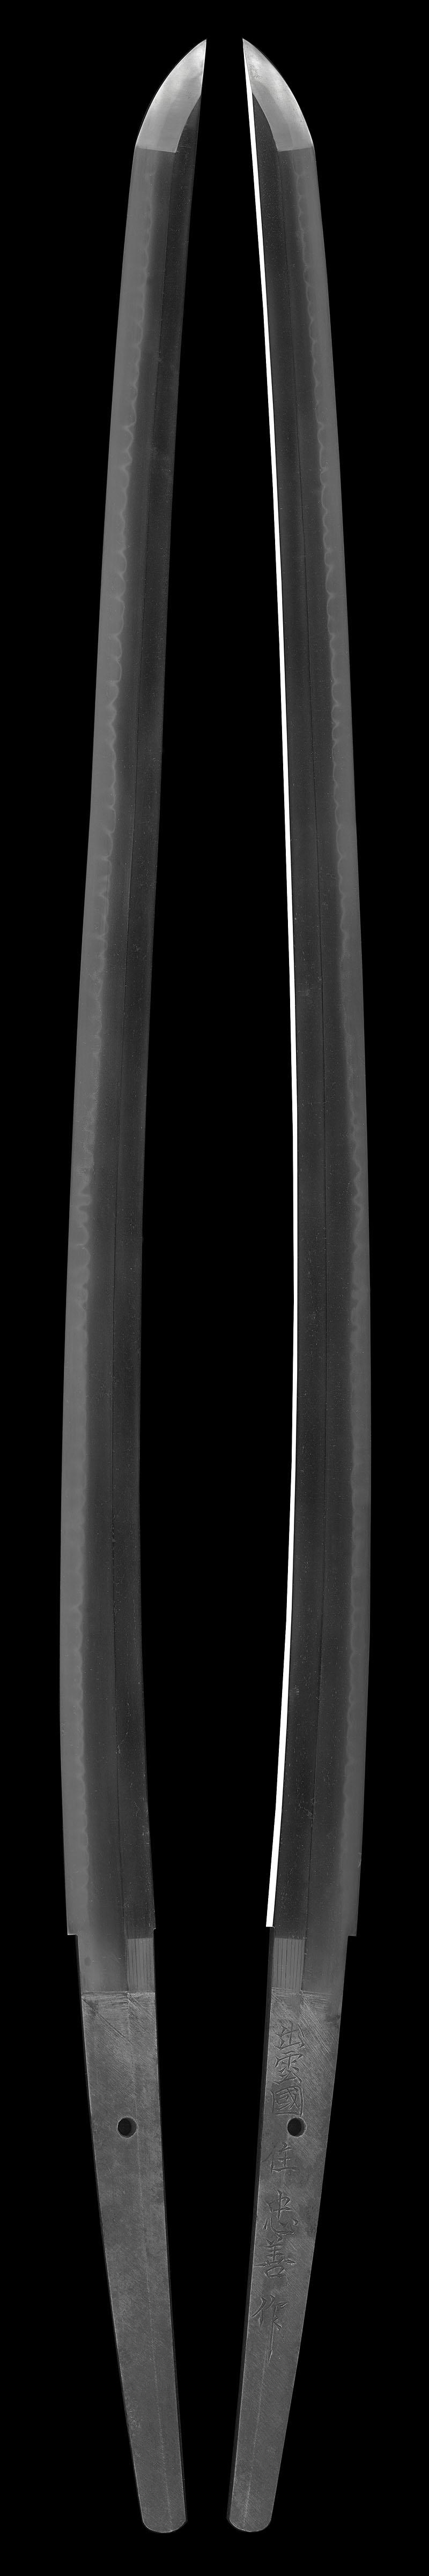 刀 出雲国住忠善作(初代)(無鑑査刀匠)(島根県無形文化財)(軍刀拵入り)全体画像